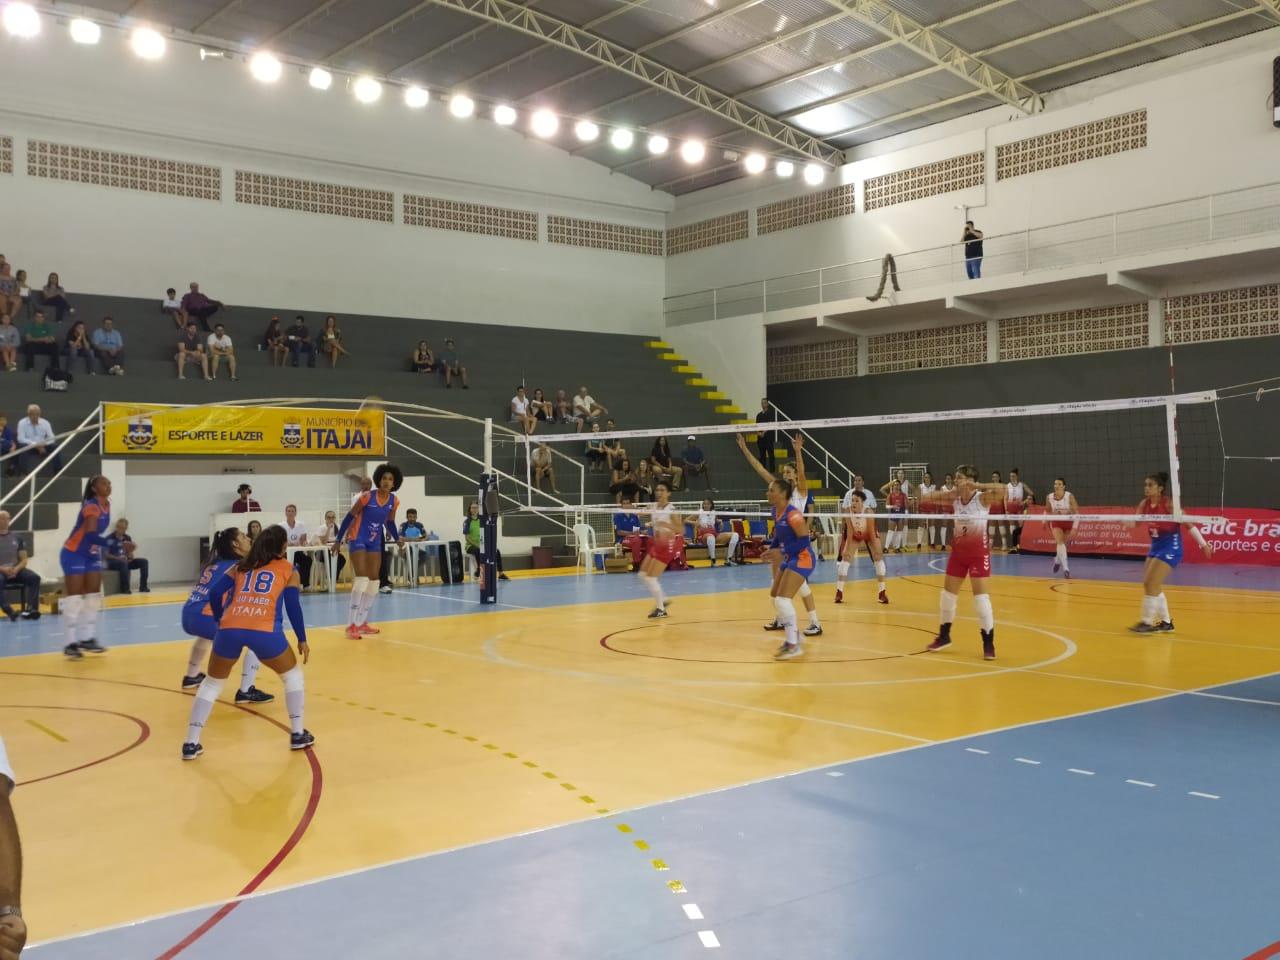 Itajaí Vôlei vence Bradesco Esportes em partida isolada da terceira rodada